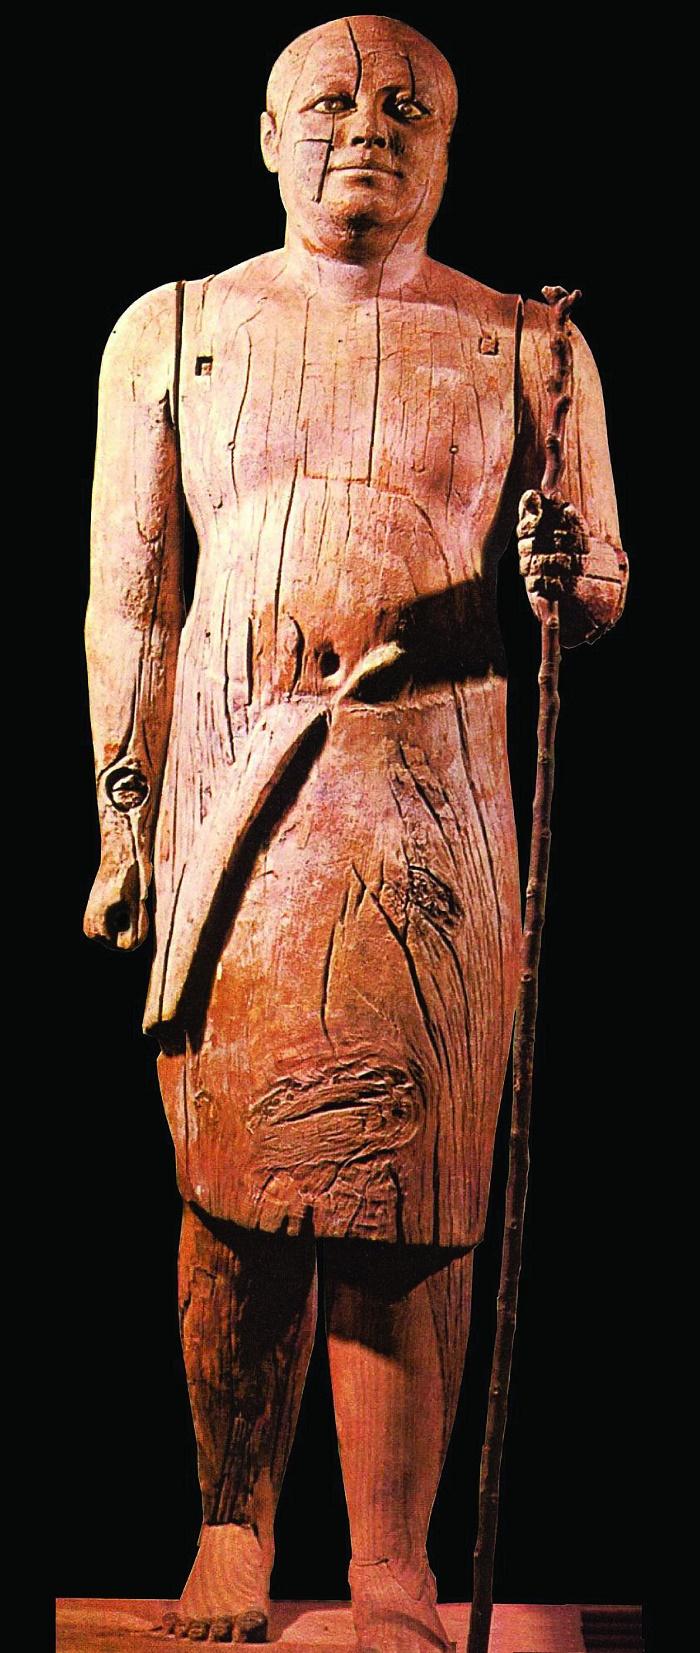 Kaaper, wooden sculpture